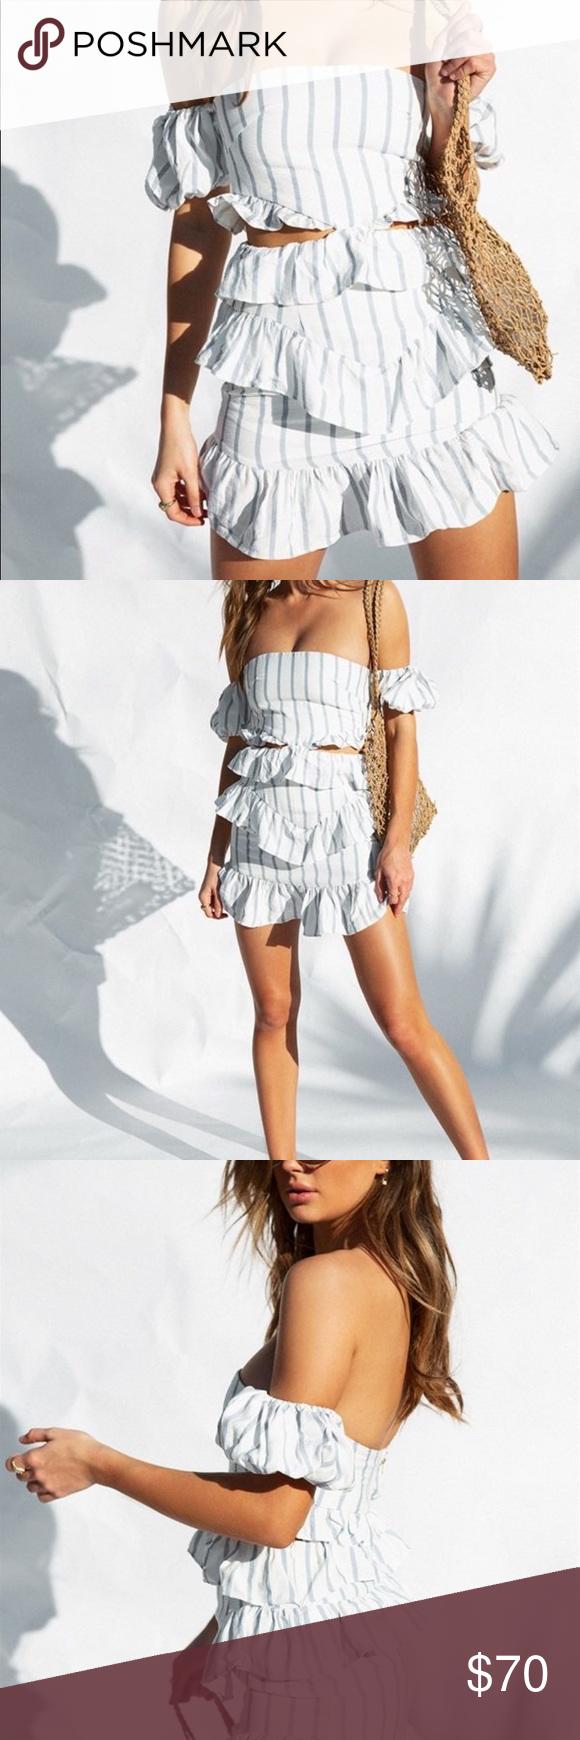 NWT Sabo Skirt Zula strapless dress